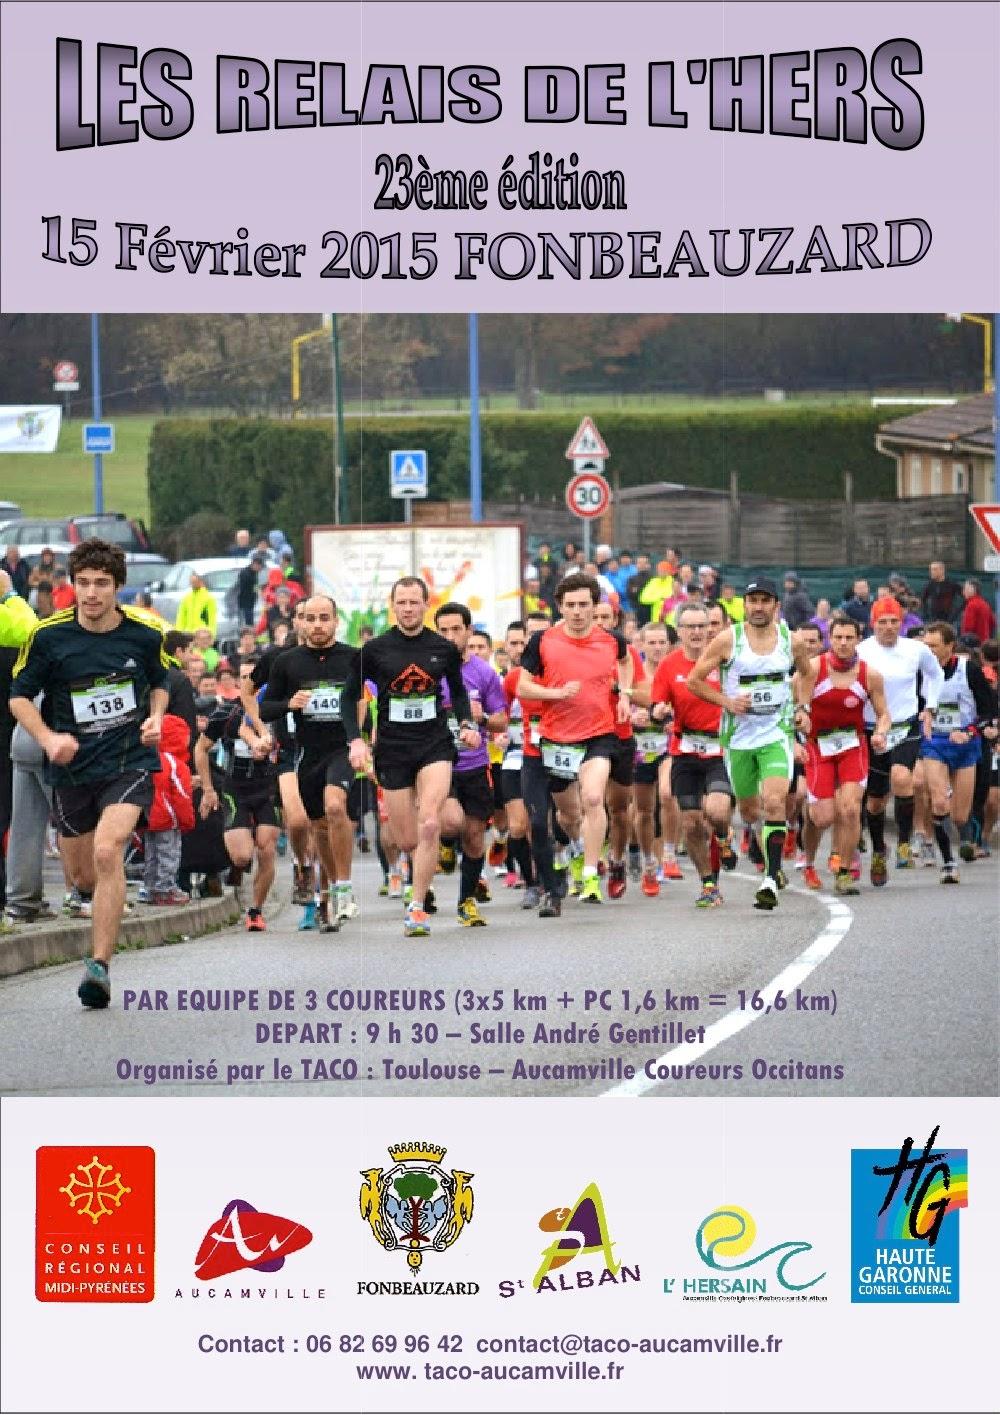 http://www.taco-aucamville.fr/relais_de_l_hers/relais_de_l_hers_2015.html